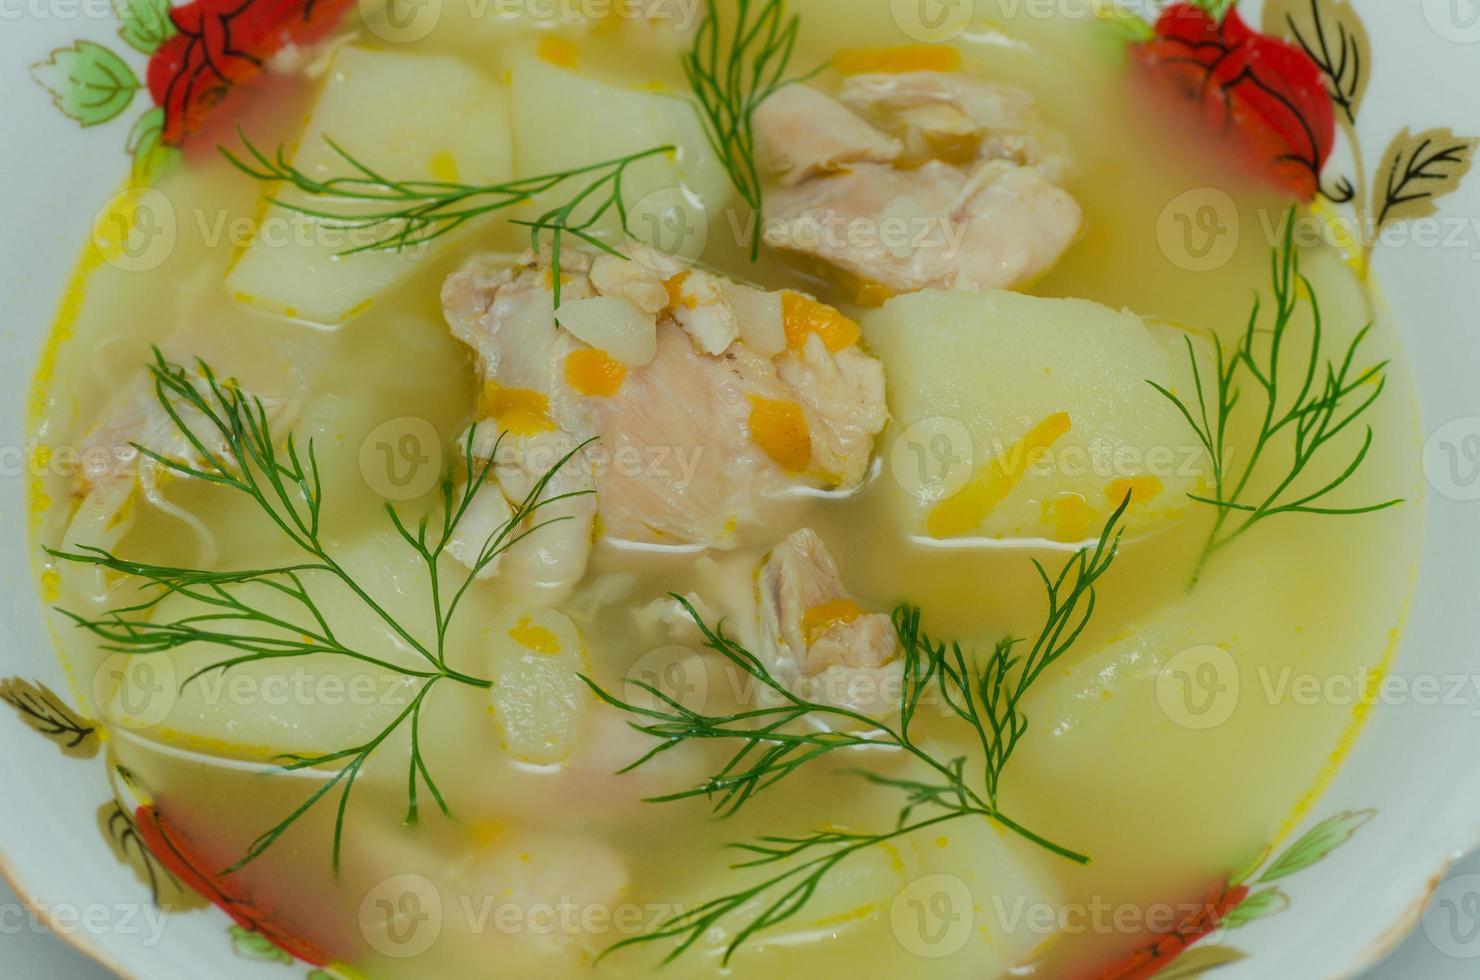 tallrik med kyckling soppa foto